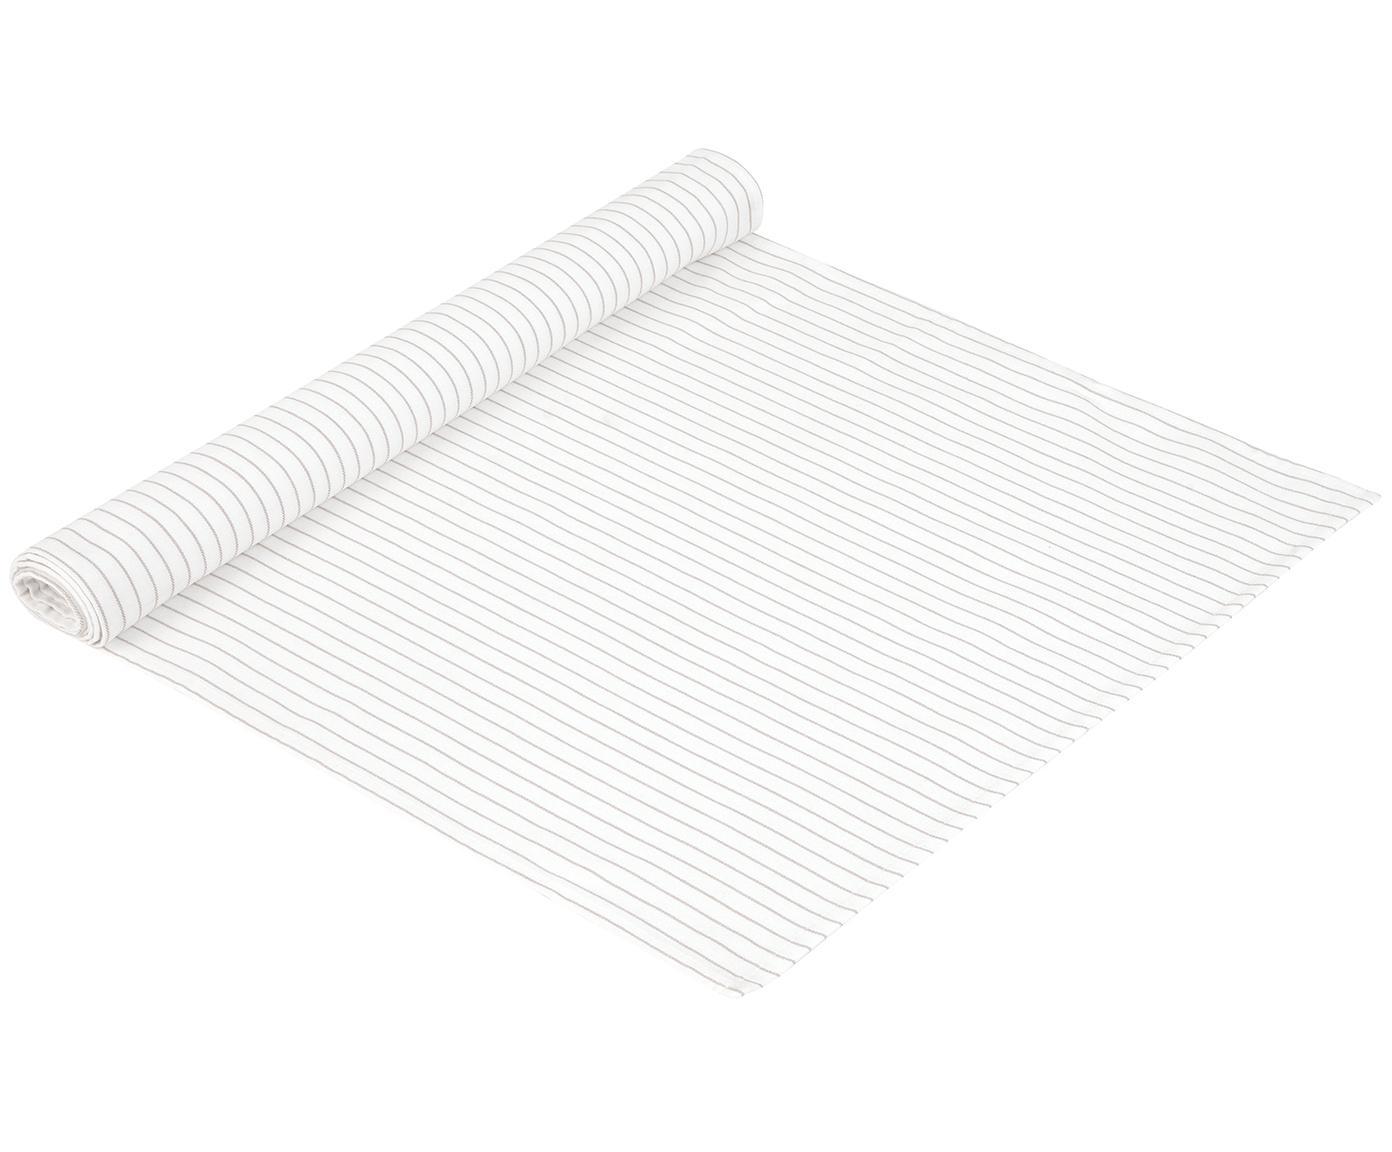 Tischläufer Nicole, Baumwolle, Weiß, Beige, 50 x 150 cm